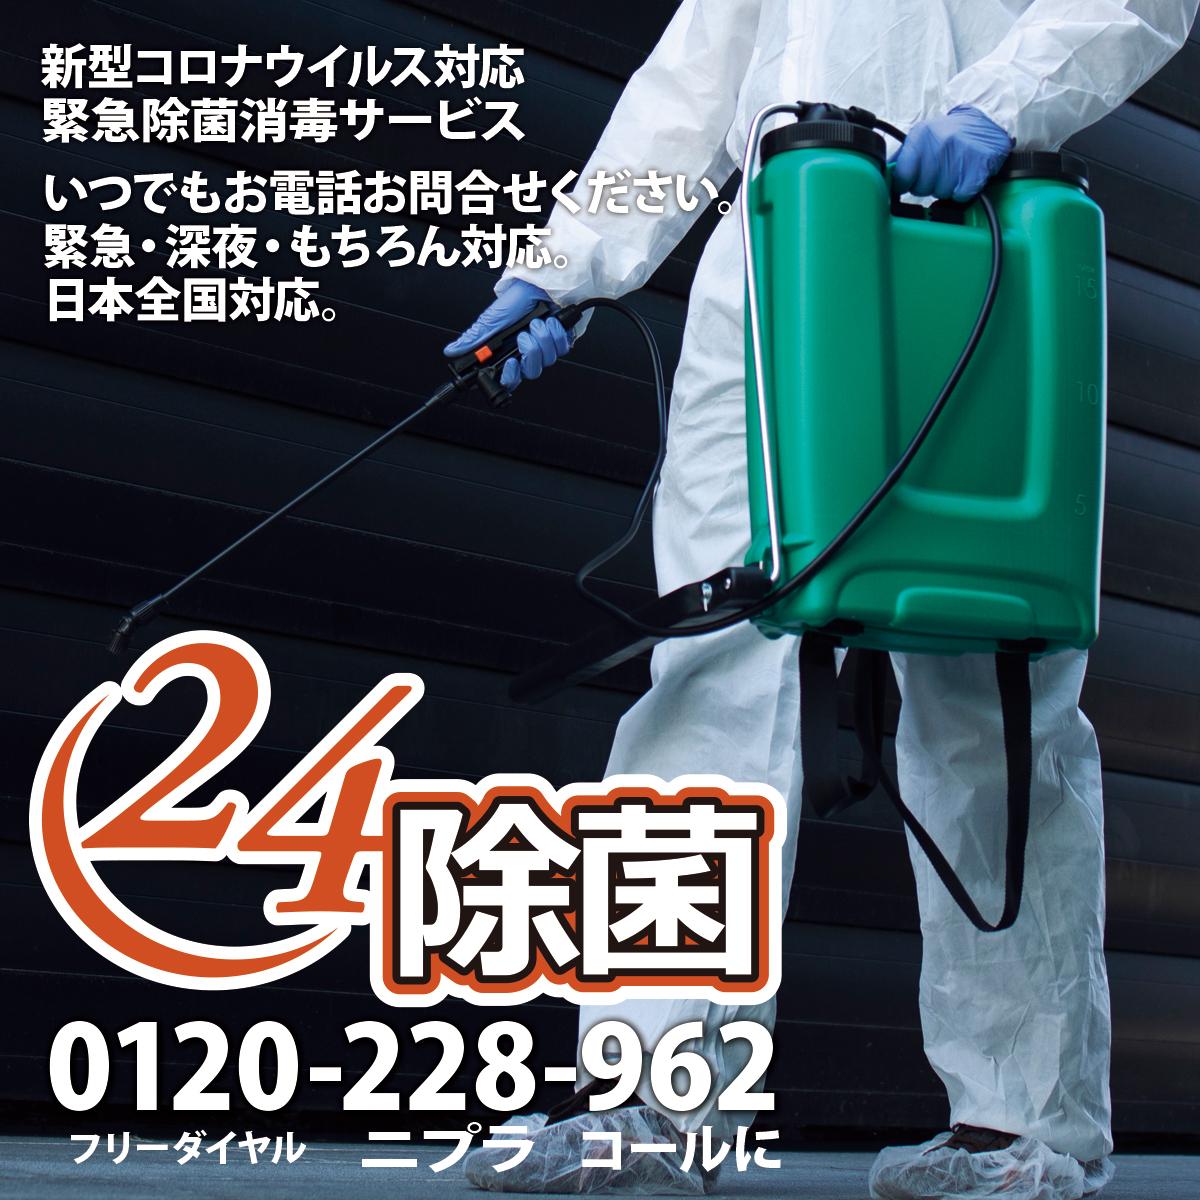 ニプラ 除菌消毒サービス